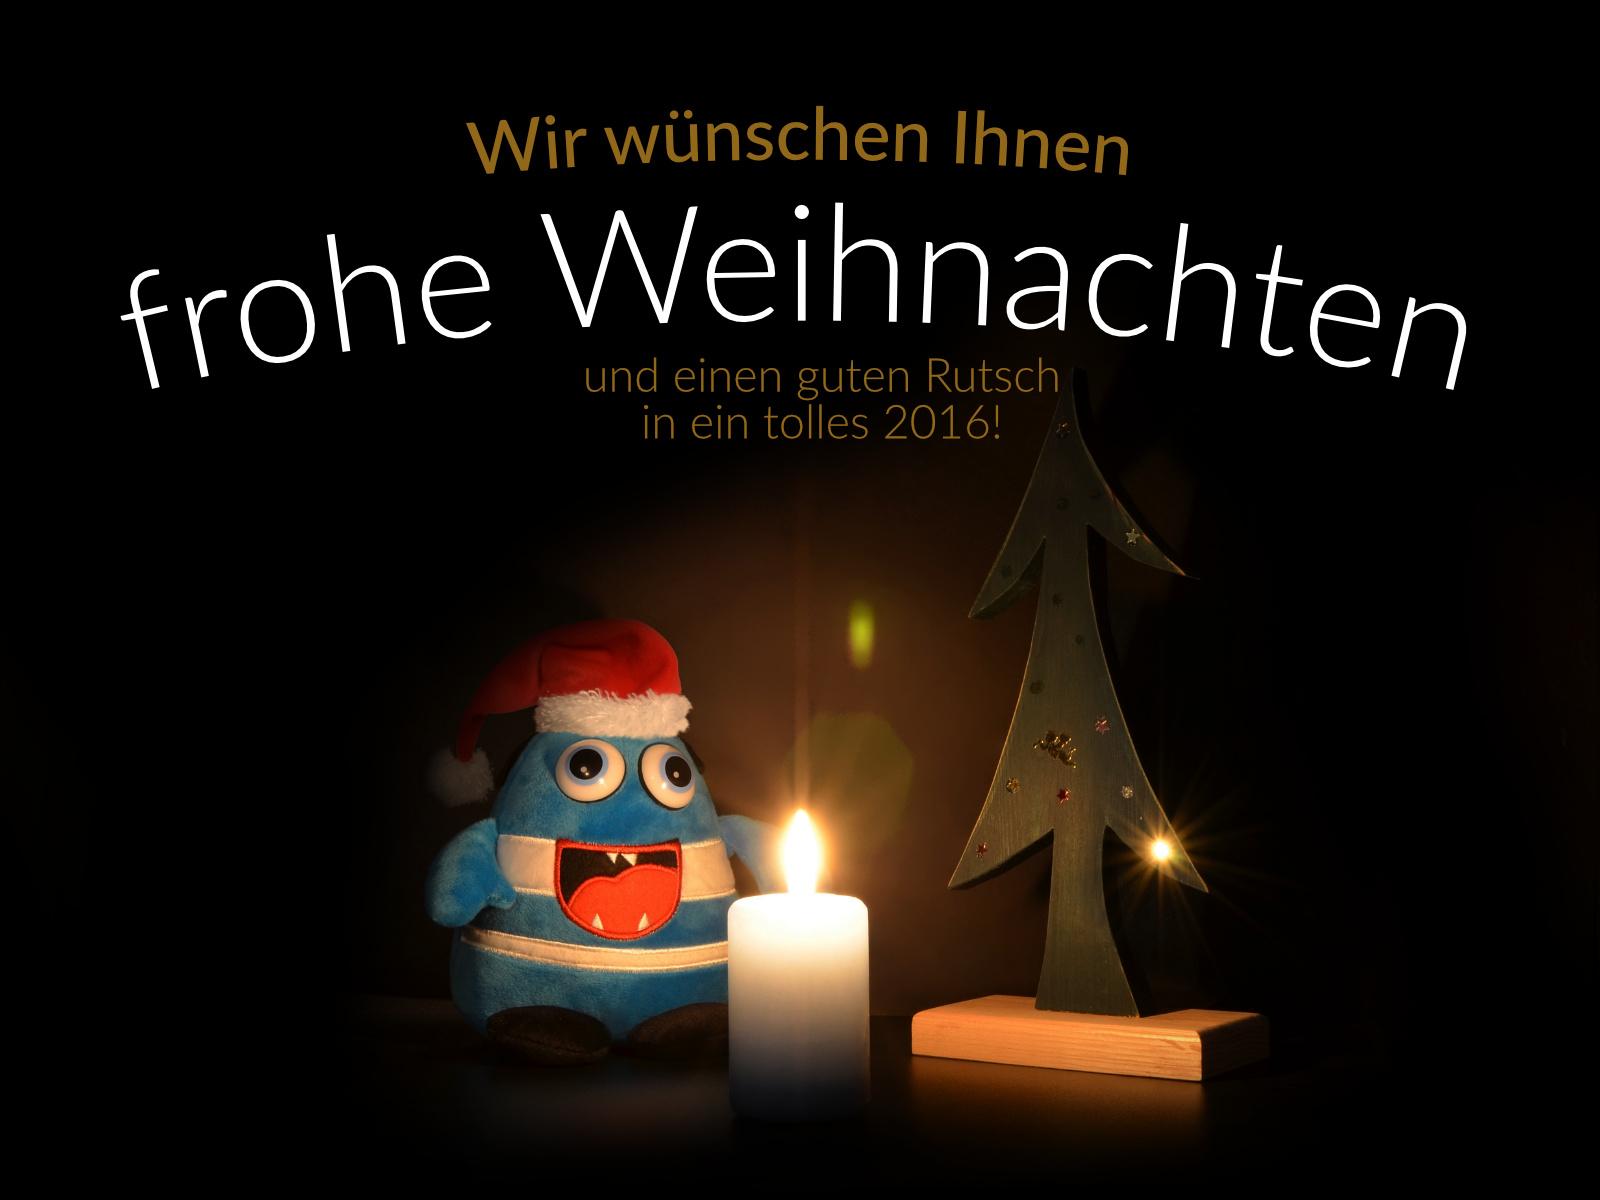 frohe_weihnachten_2015:16